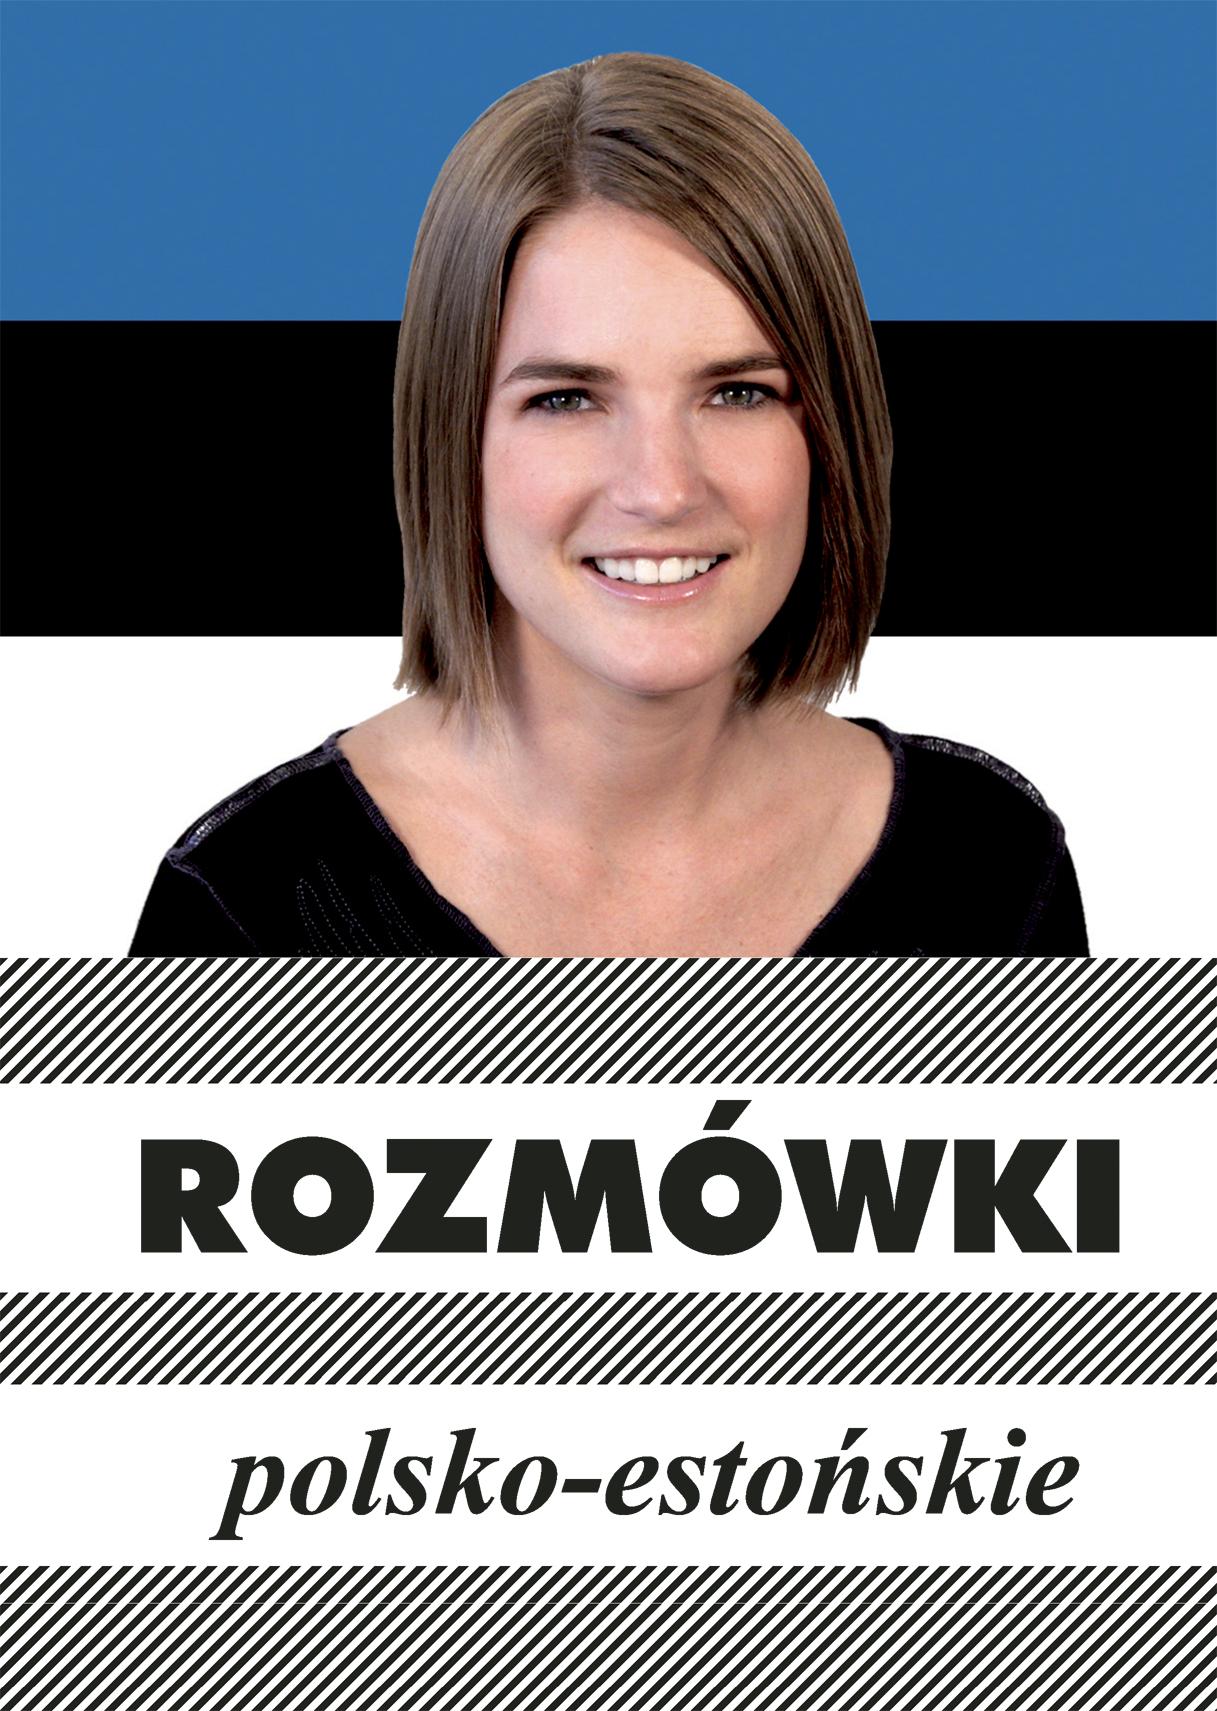 Rozmówki polsko- estońskie